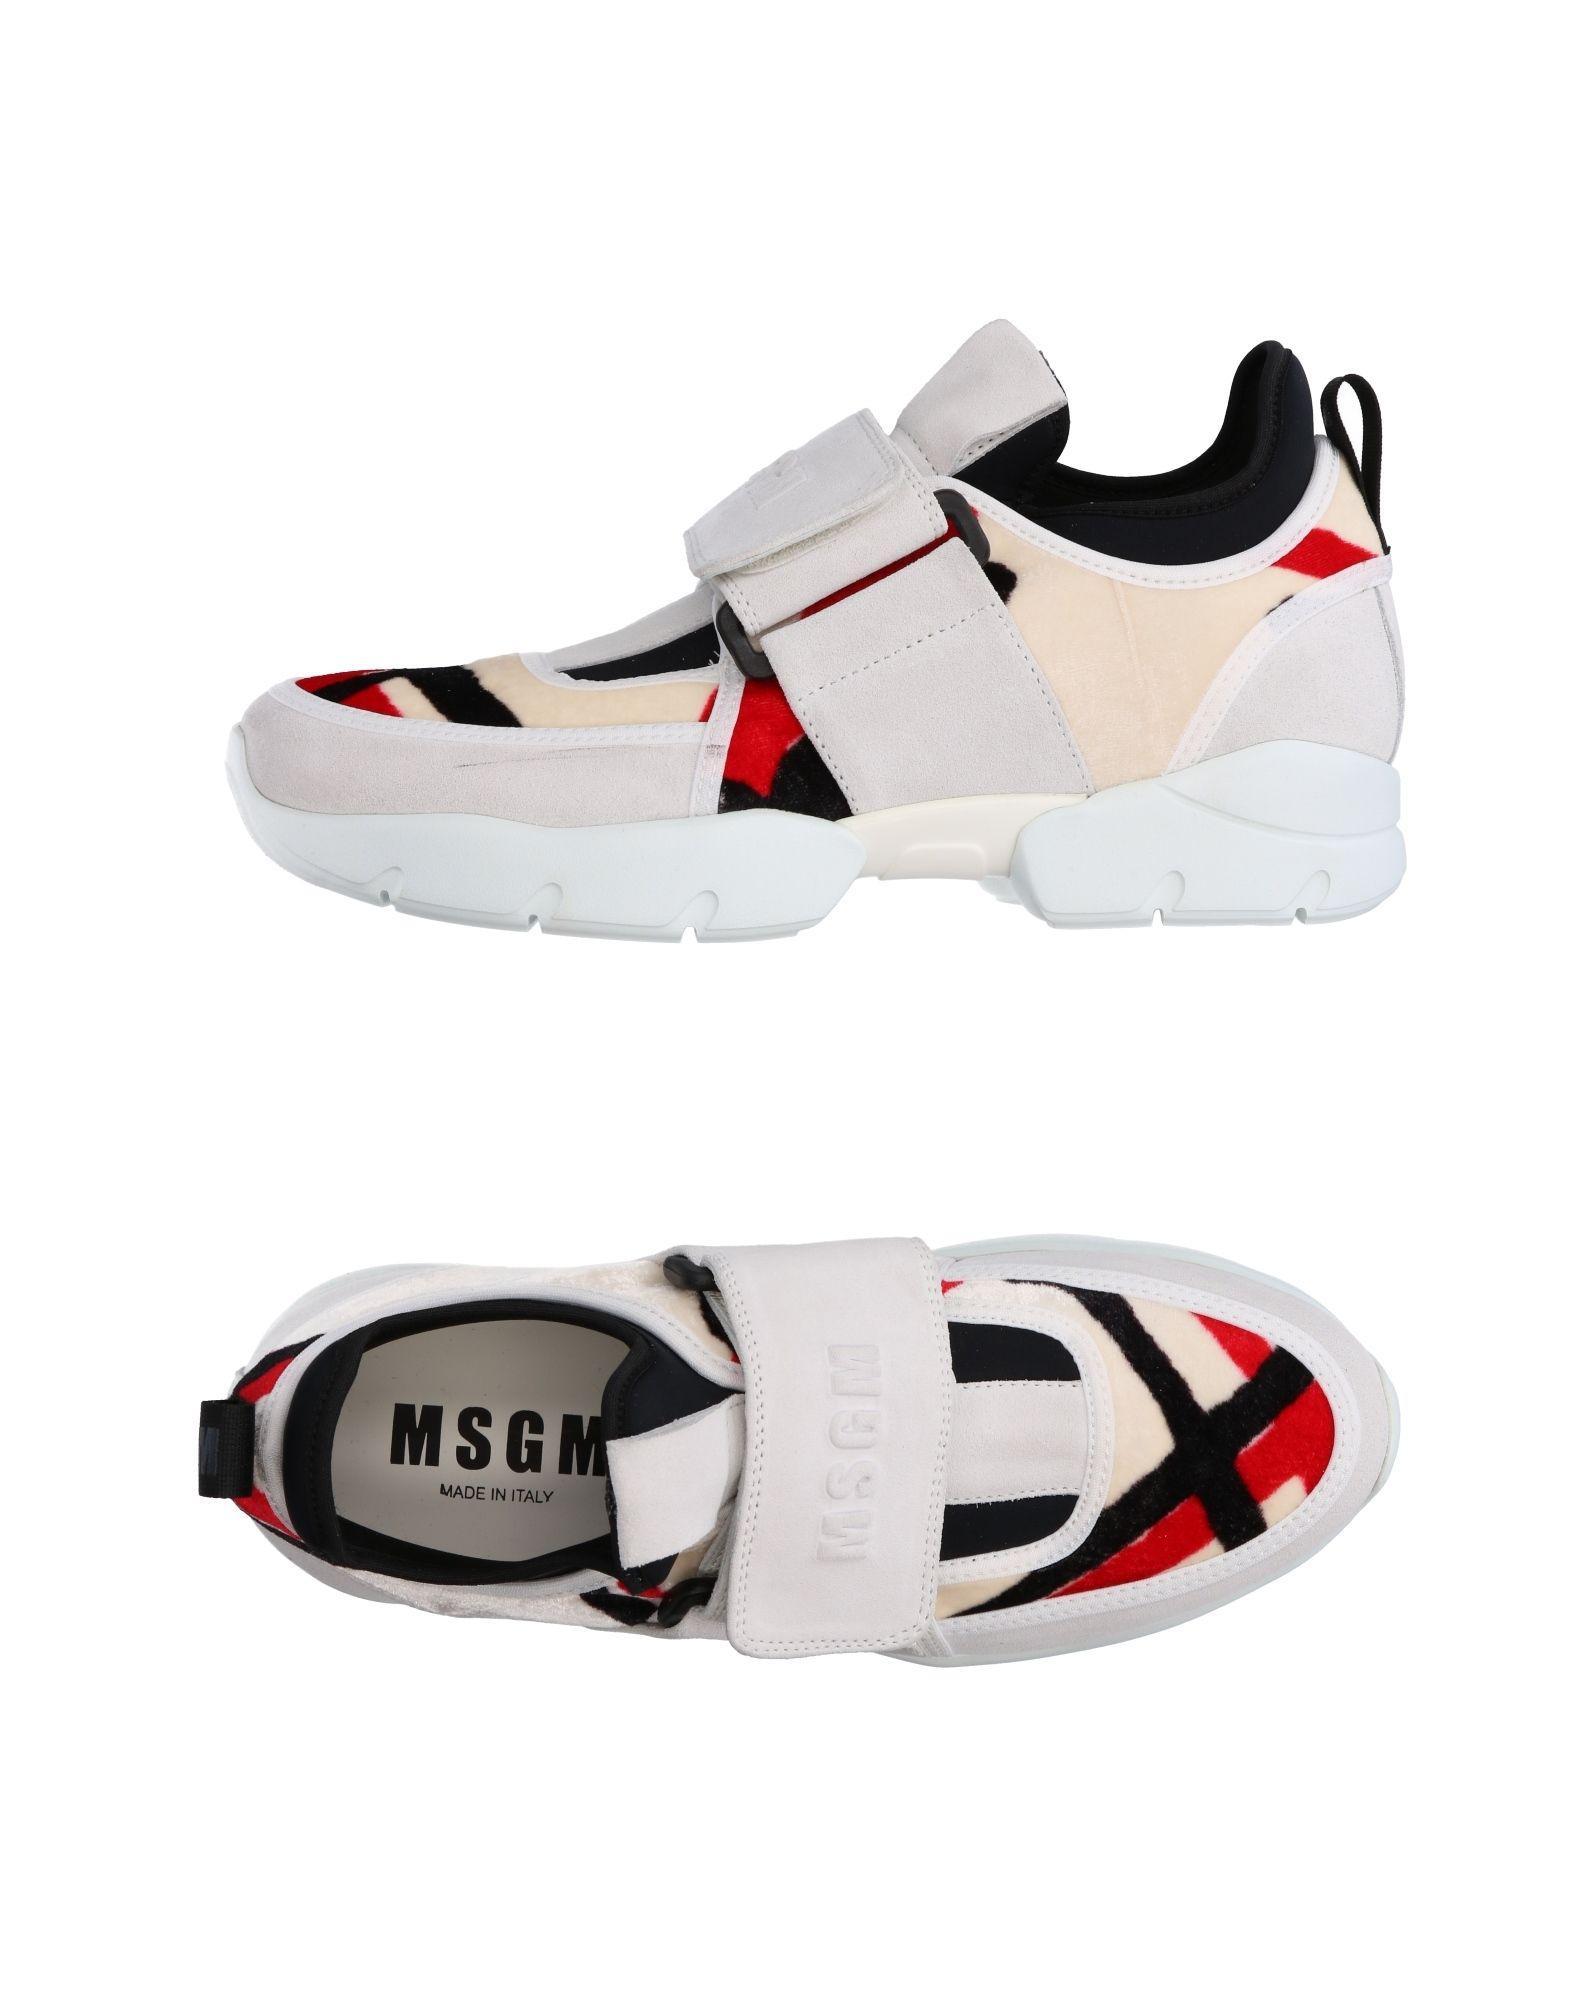 Msgm Bas-tops Et Chaussures De Sport pf4wh8